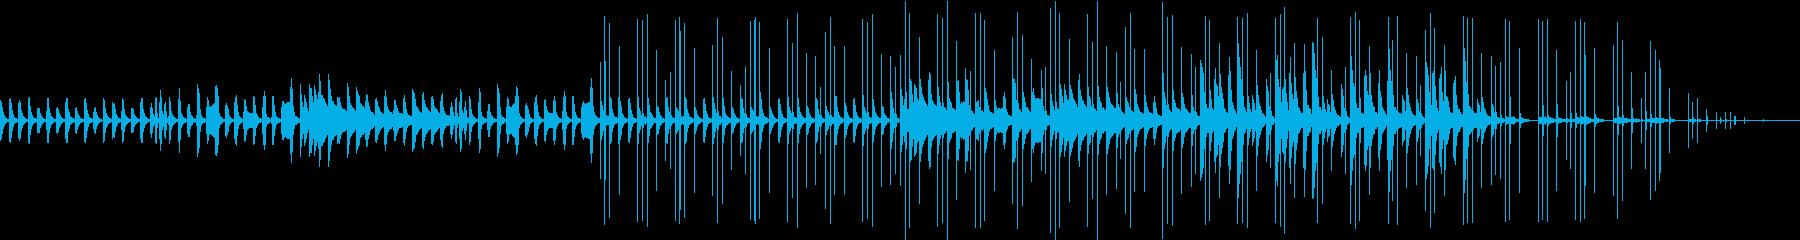 木琴、鉄琴で柔らかく暖かいイメージの曲。の再生済みの波形